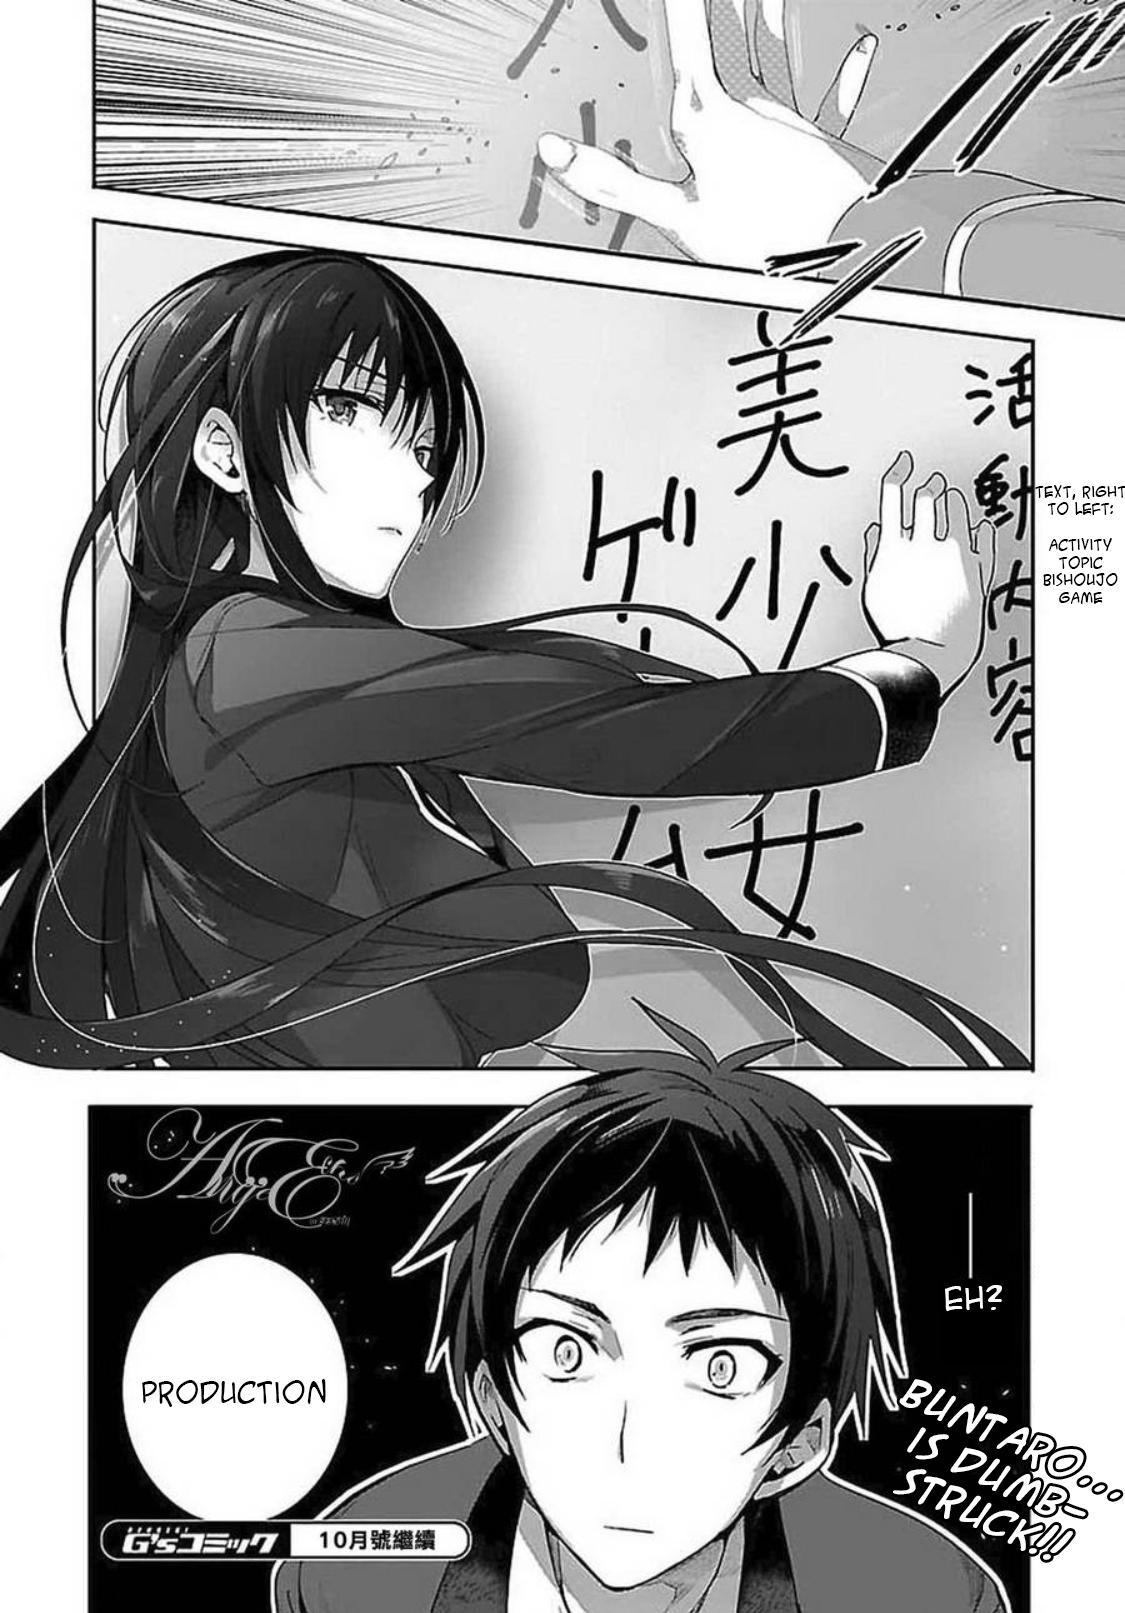 Shoujotachi wa kouya wo mezasu - Chapter 1